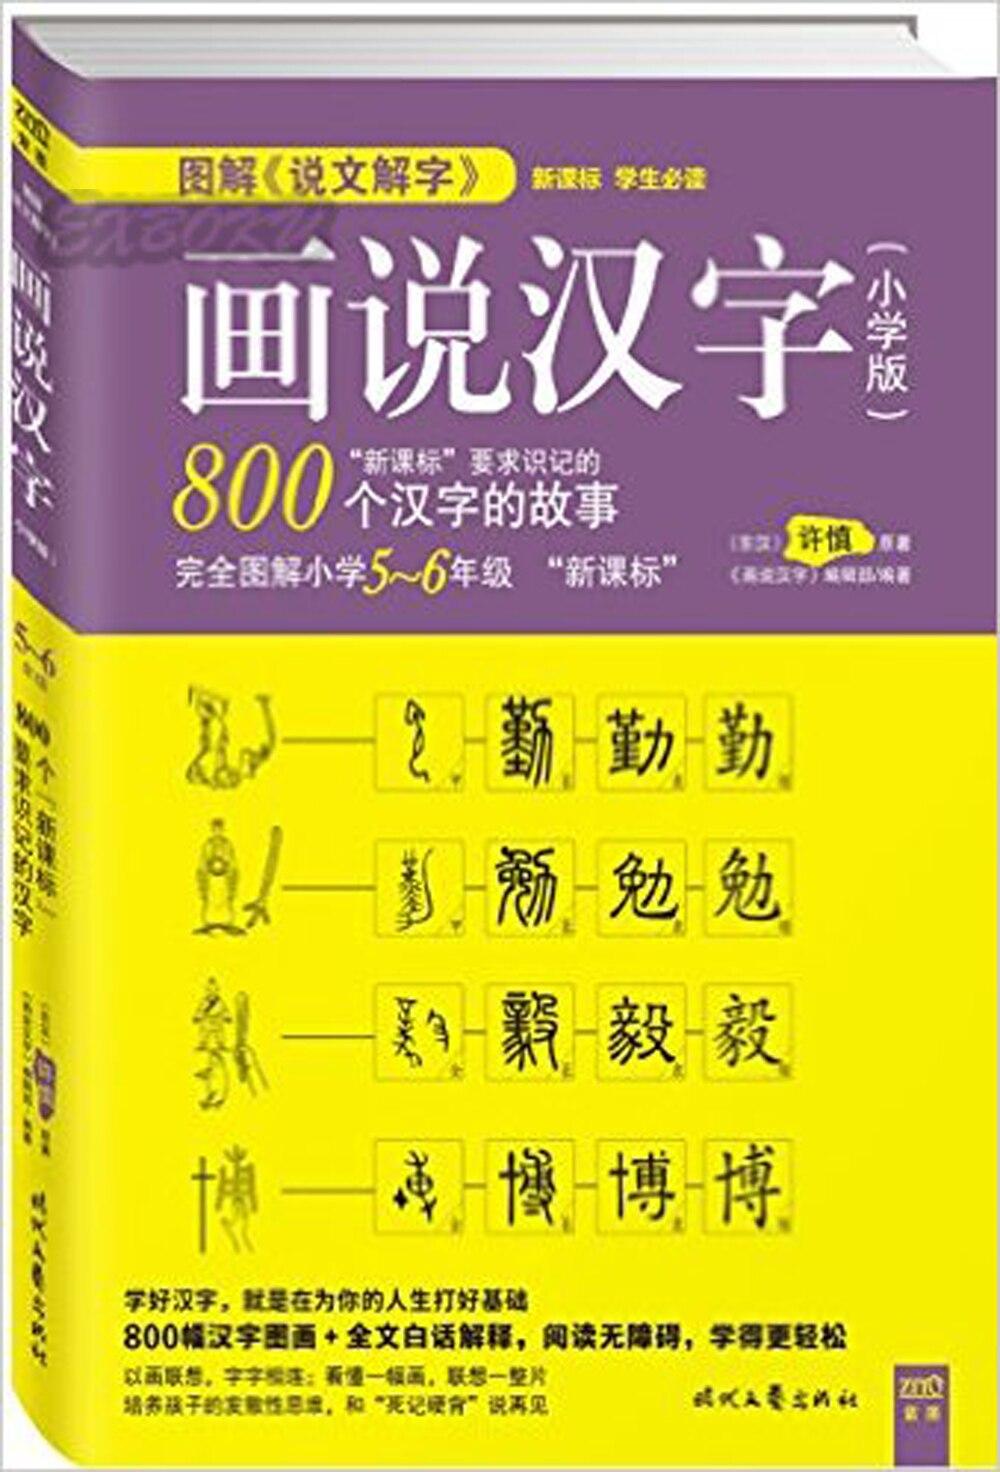 Chinesische charakter bild bücher wörterbuch für erweiterte lernende lernen 800 Chinese character...